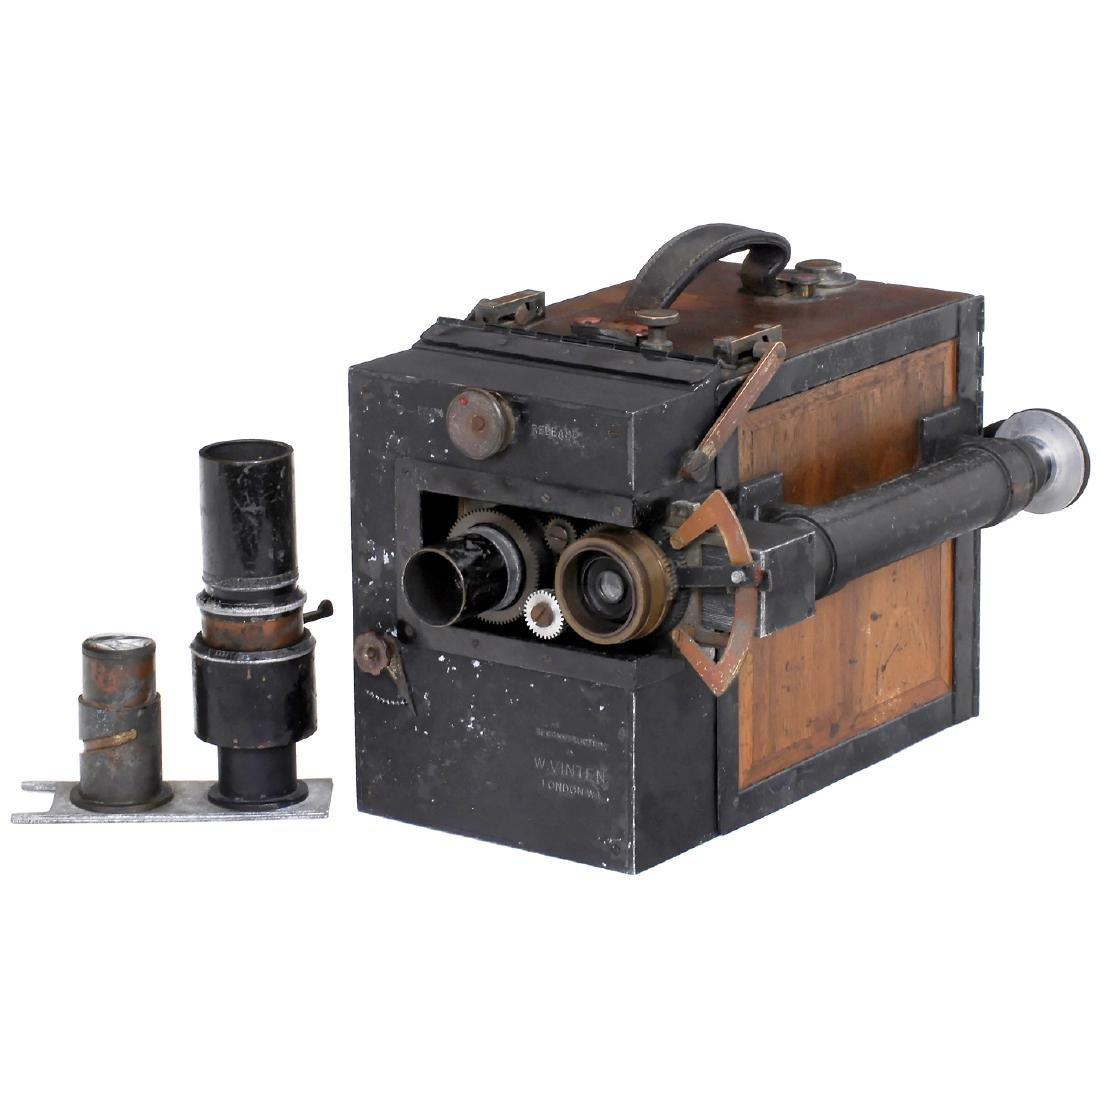 Debrie/Vinten Camera, c. 1922